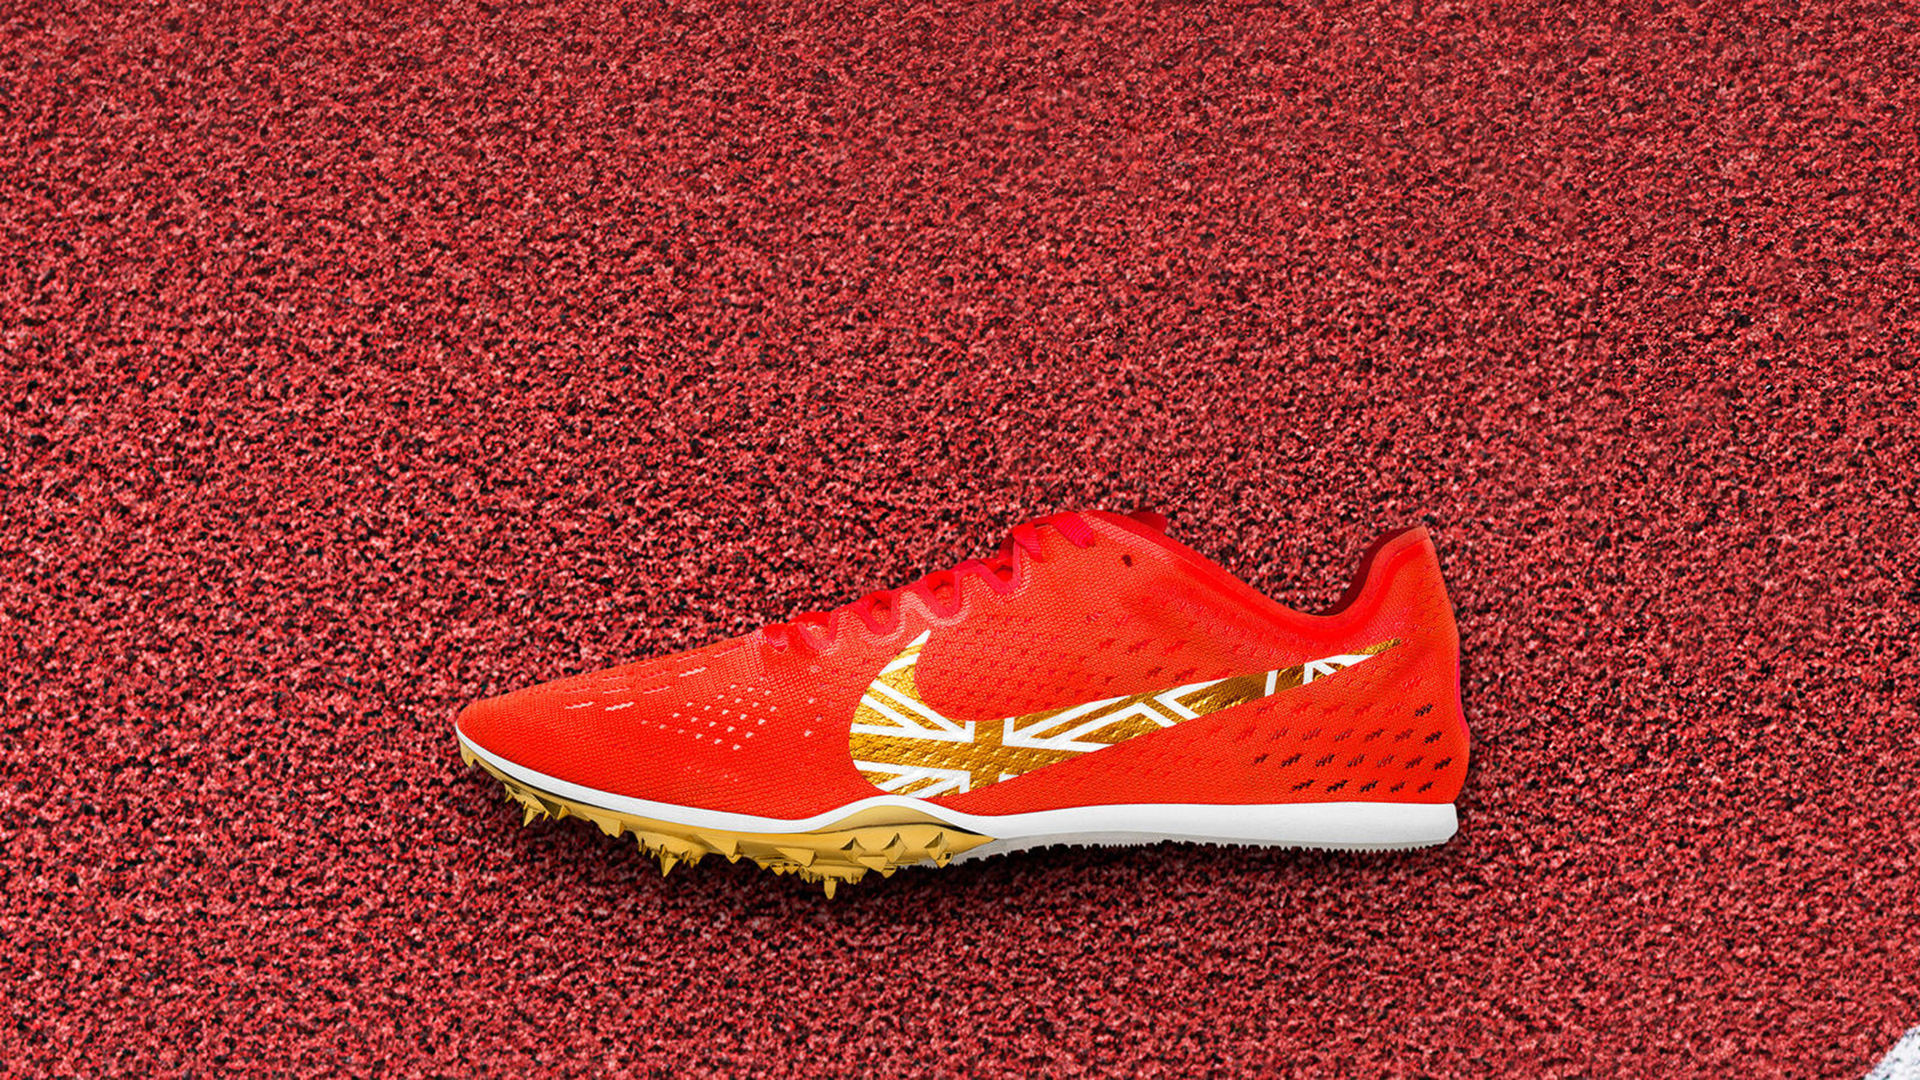 Skor inspirerade av långdistanslöparen Mo Farah